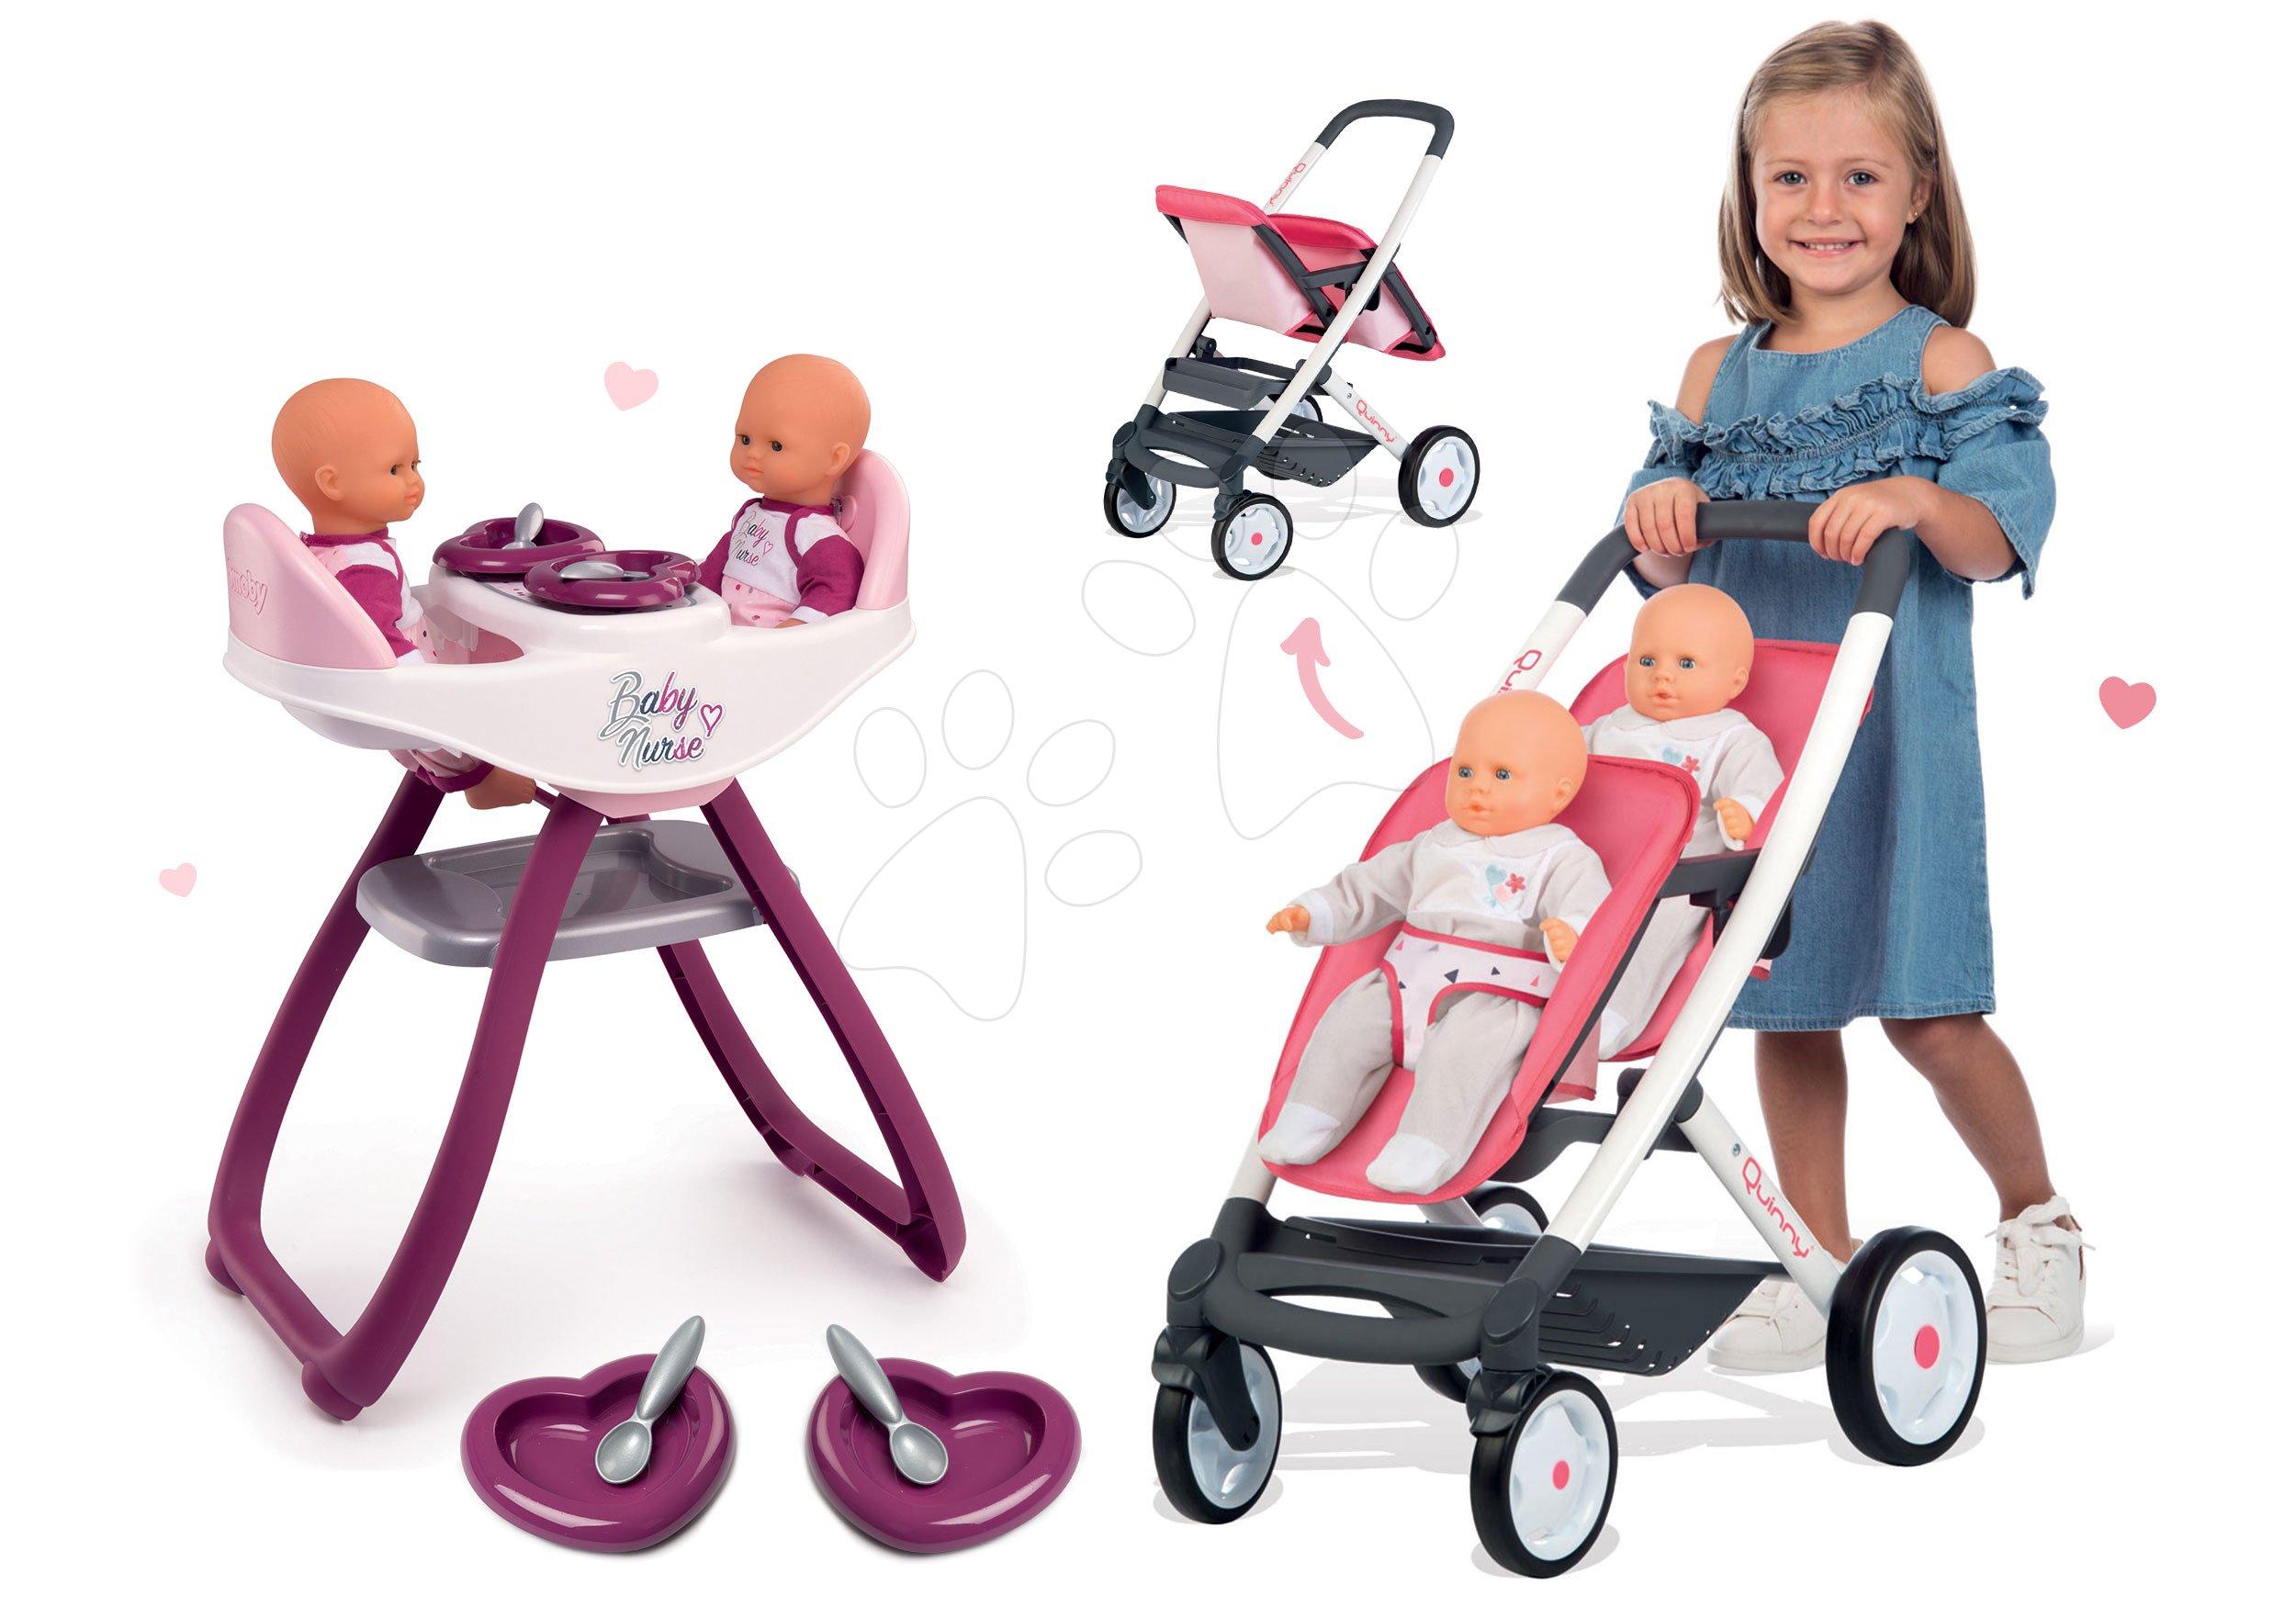 Set jedálenská stolička a hojdačka pre dvojičky Violette Baby Nurse Smoby a športový kočík Maxi Cosi pre dve bábiky